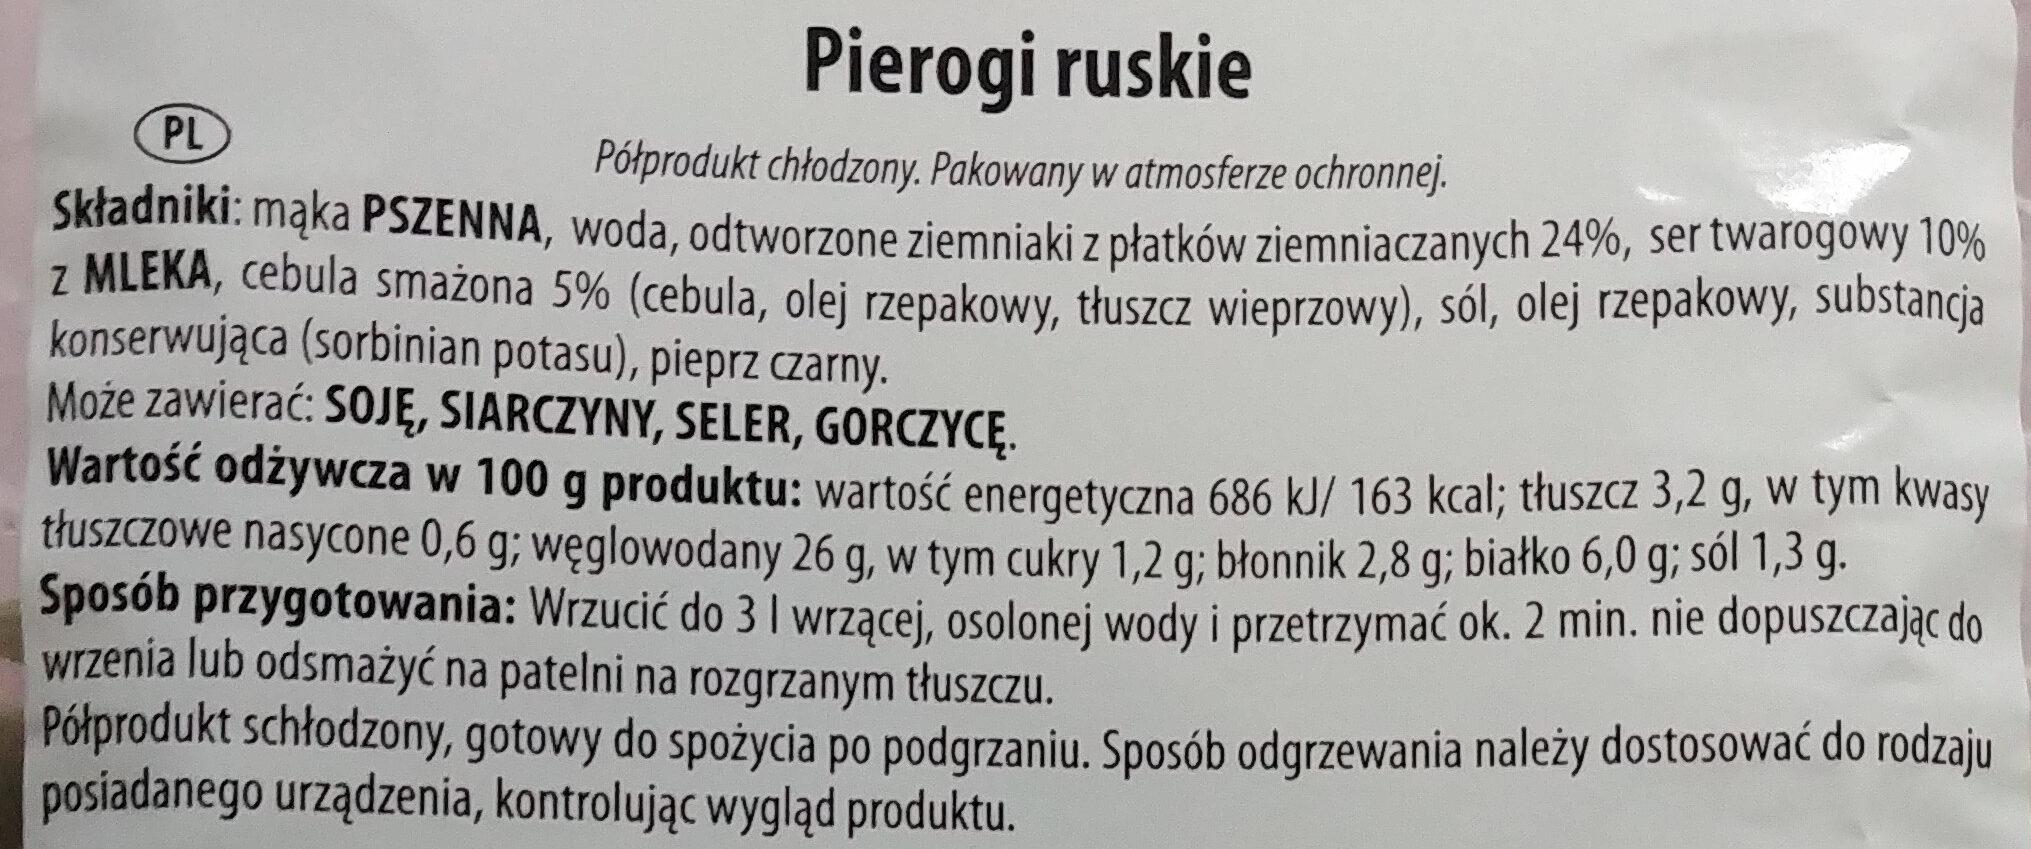 Pierogi ruskie - Składniki - pl